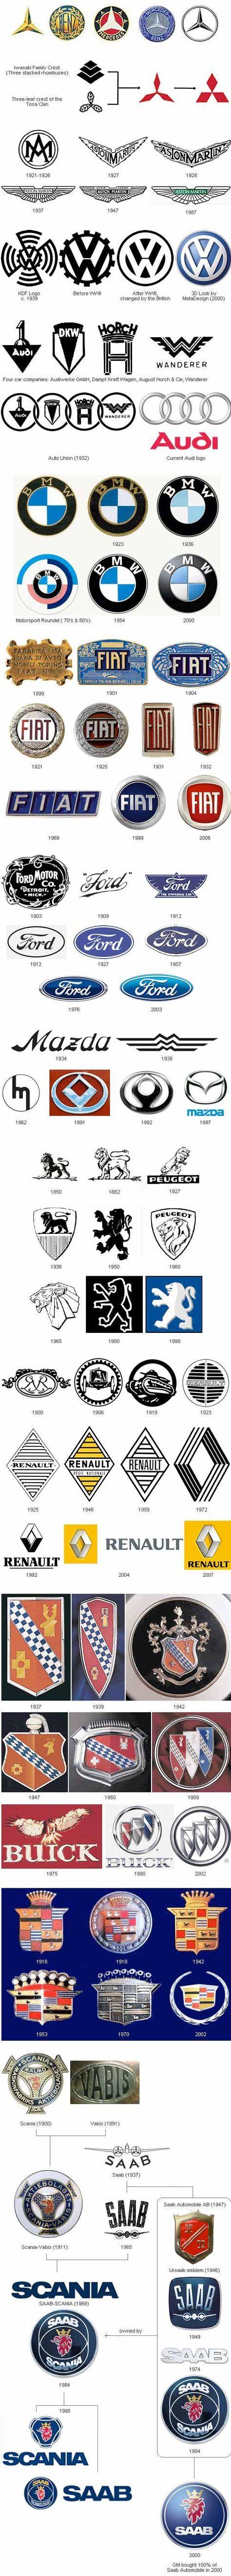 Evolución de #logos de marcas de #coches.bocho con el diseño de chivas